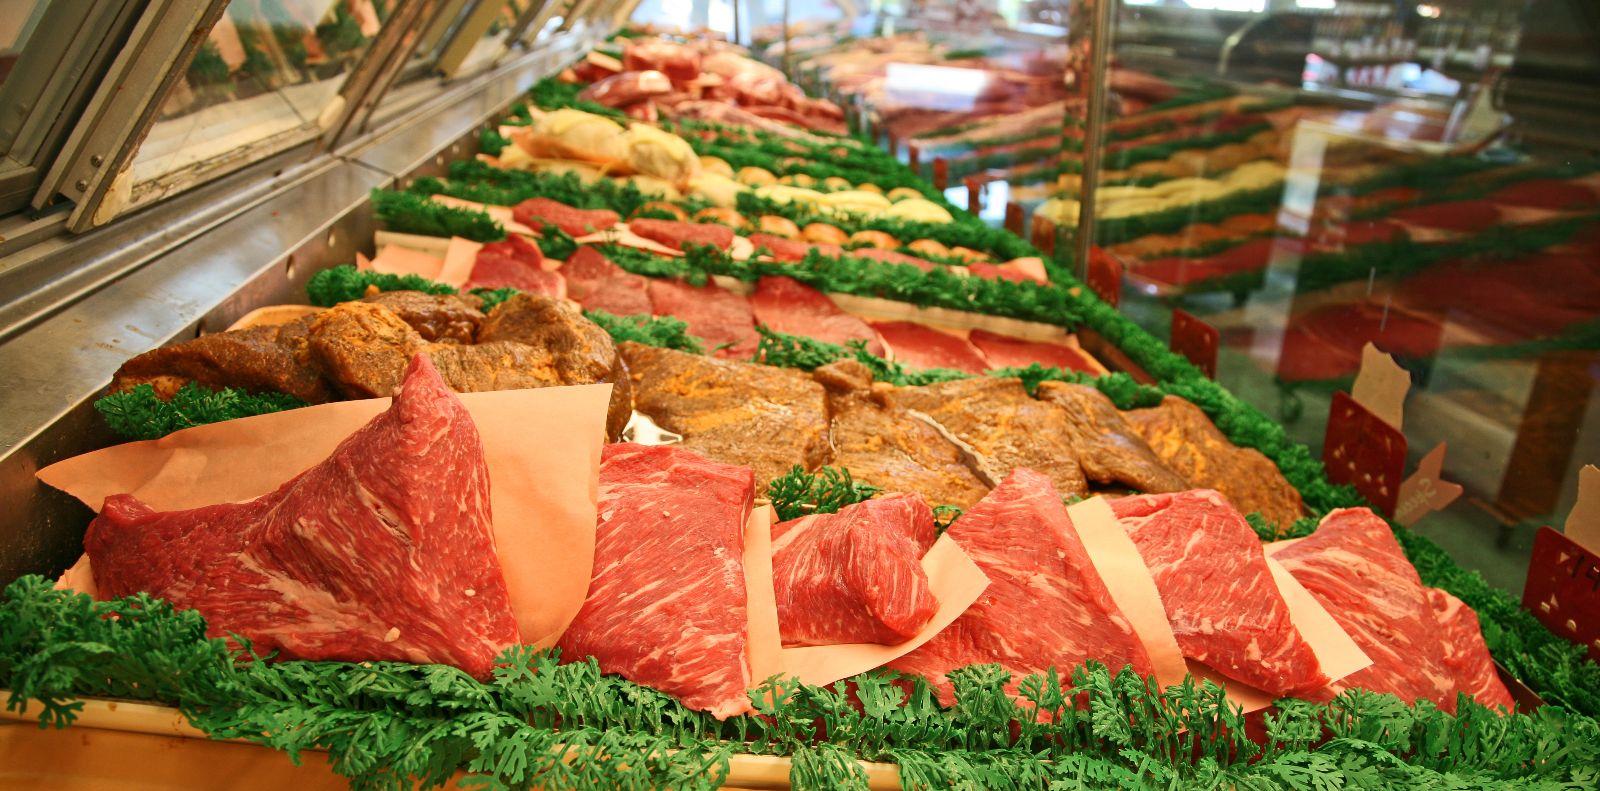 Meat Case Inside Tri Tip